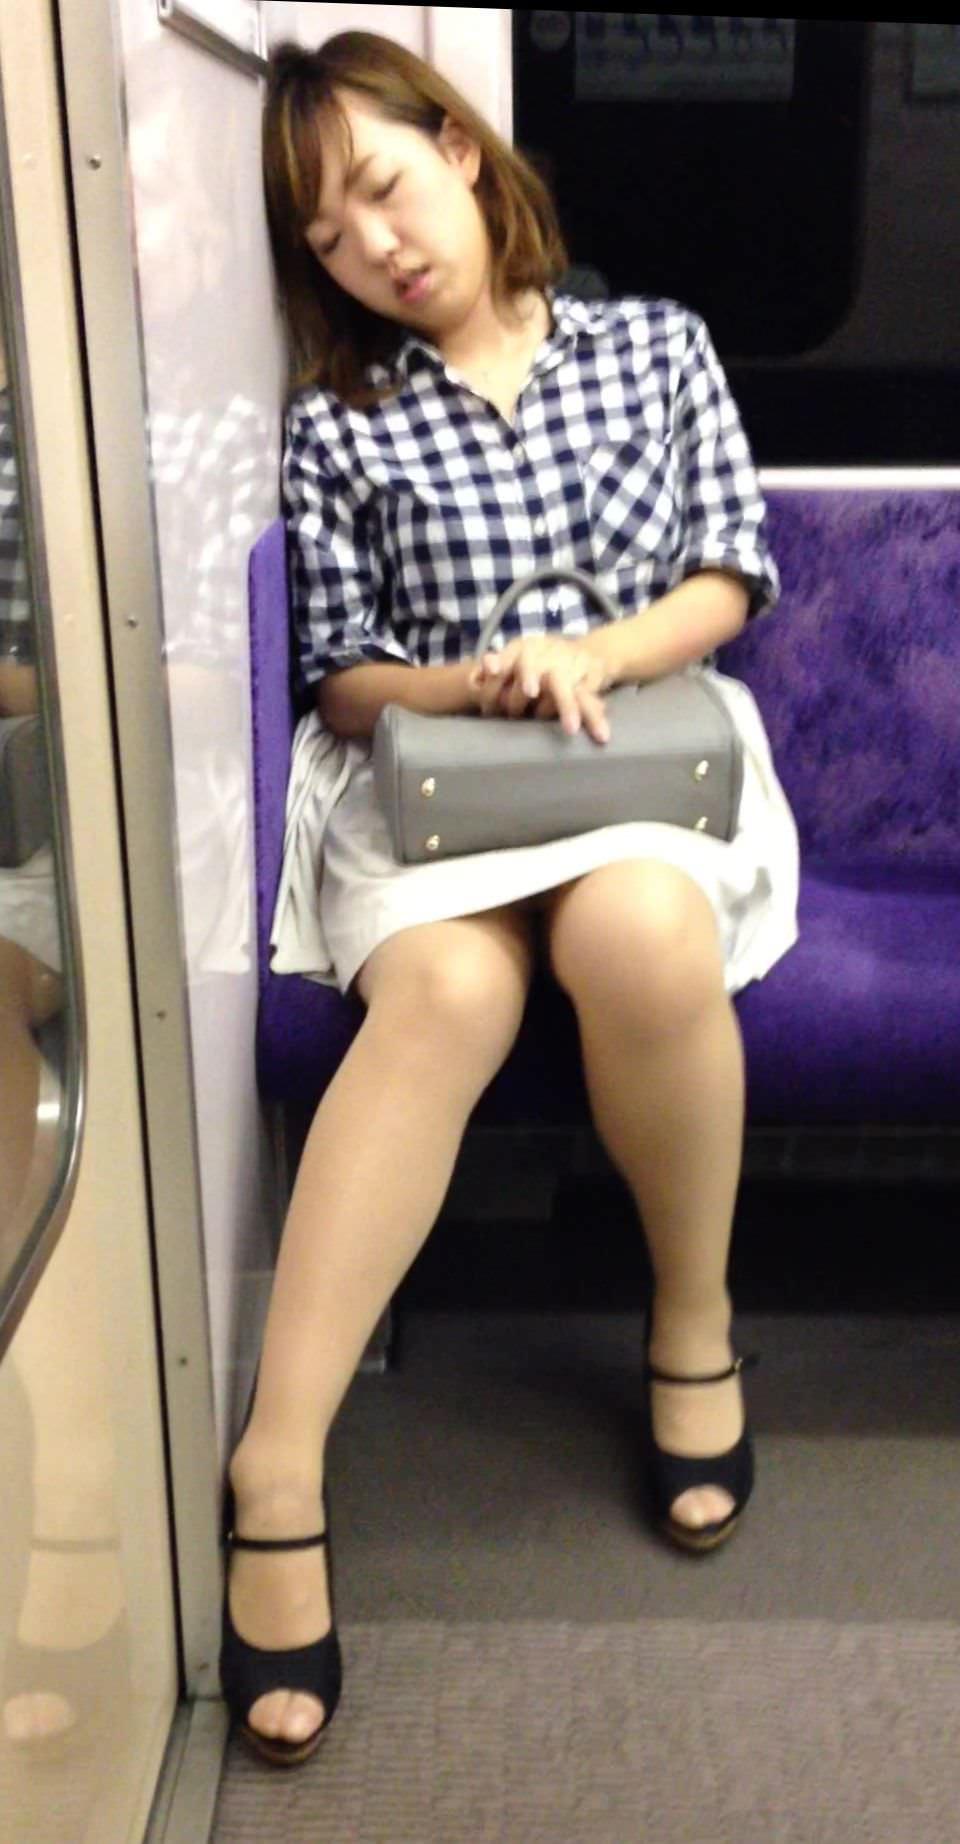 電車内って視線を低くするだけでパンチラ天国だろ!!!パンツモロ見え隠し撮りwwww 1636